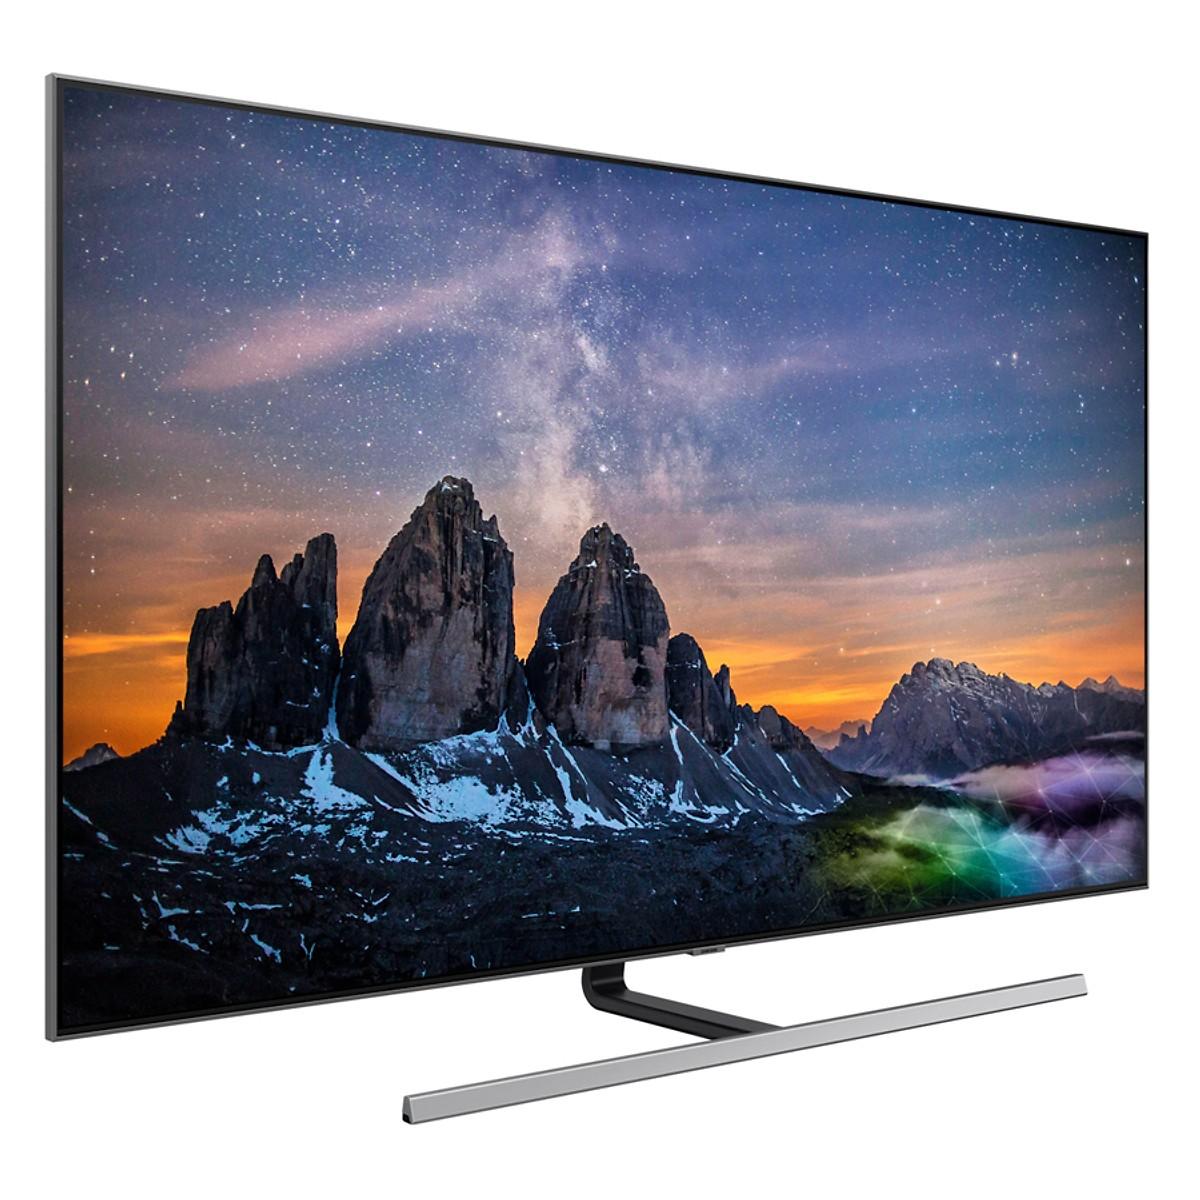 Smart Tivi QLED Samsung 65 inch 4K UHD QA65Q80RAKXXV - Hàng chính hãng +Tặng Khung Treo Cố Định